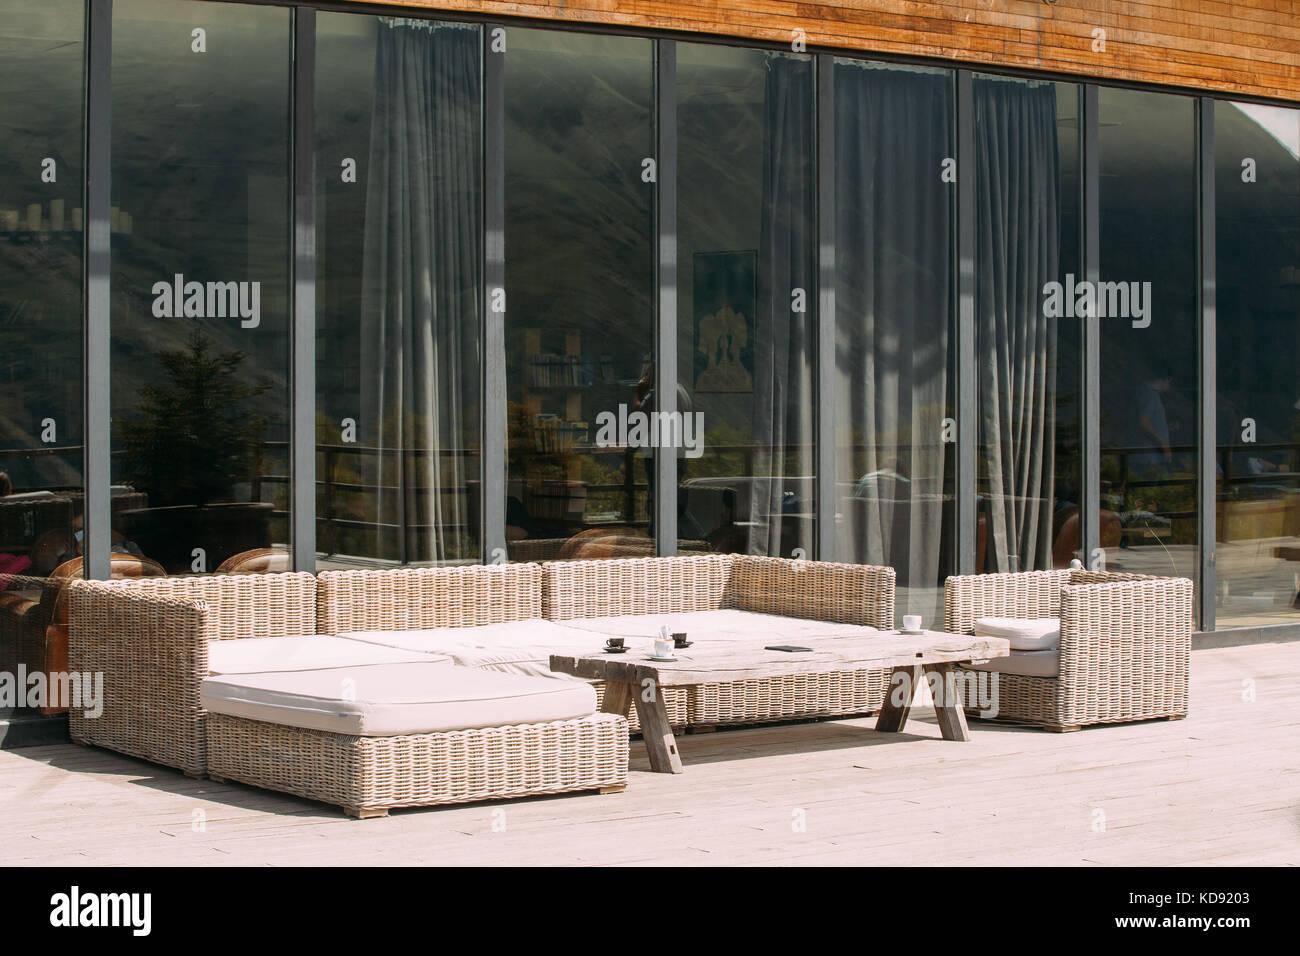 Korbmöbel auf Balkon an sonniger Sommertag. home Exterieur mit Tisch ...